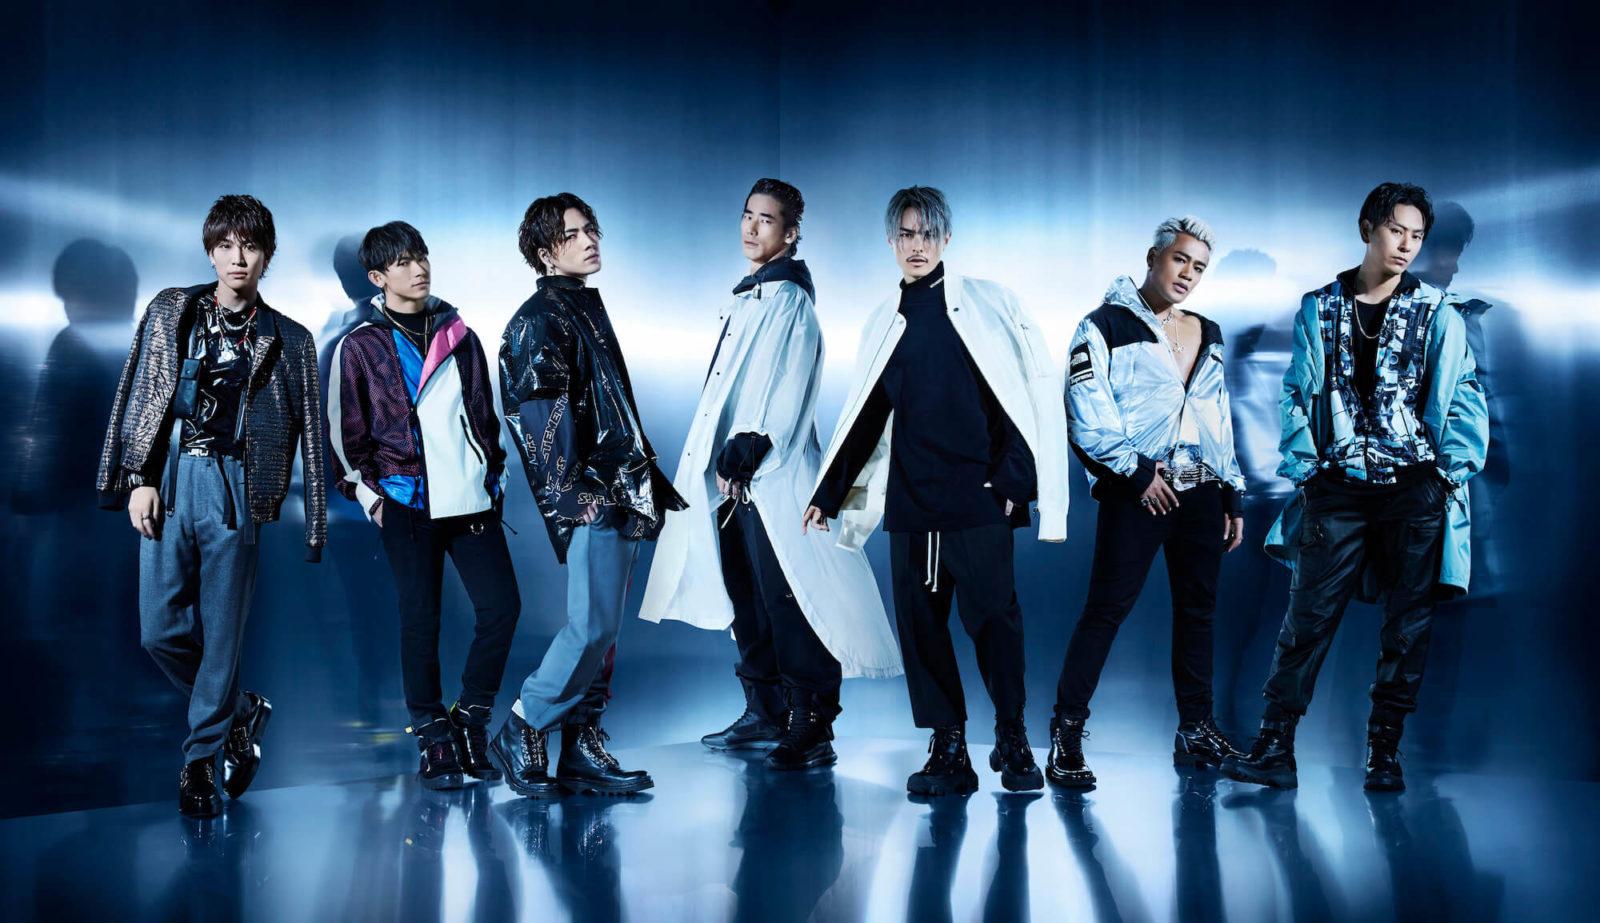 三代目 J Soul Brothers、最新アルバム「FUTURE」が音楽配信サイトのアルバムチャートを席巻中サムネイル画像